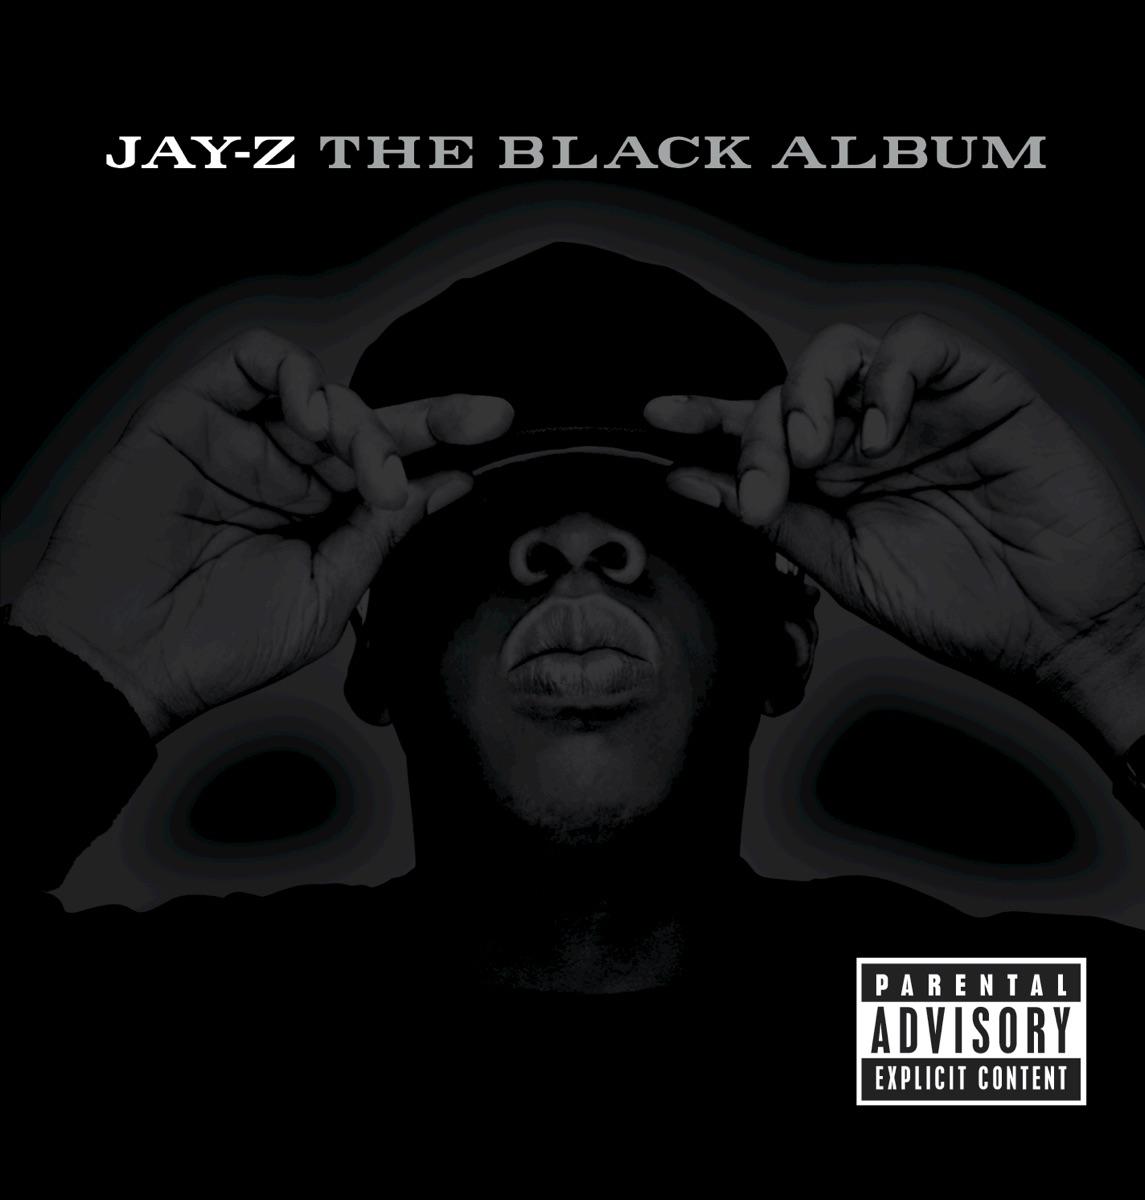 The Black Album JAY-Z CD cover